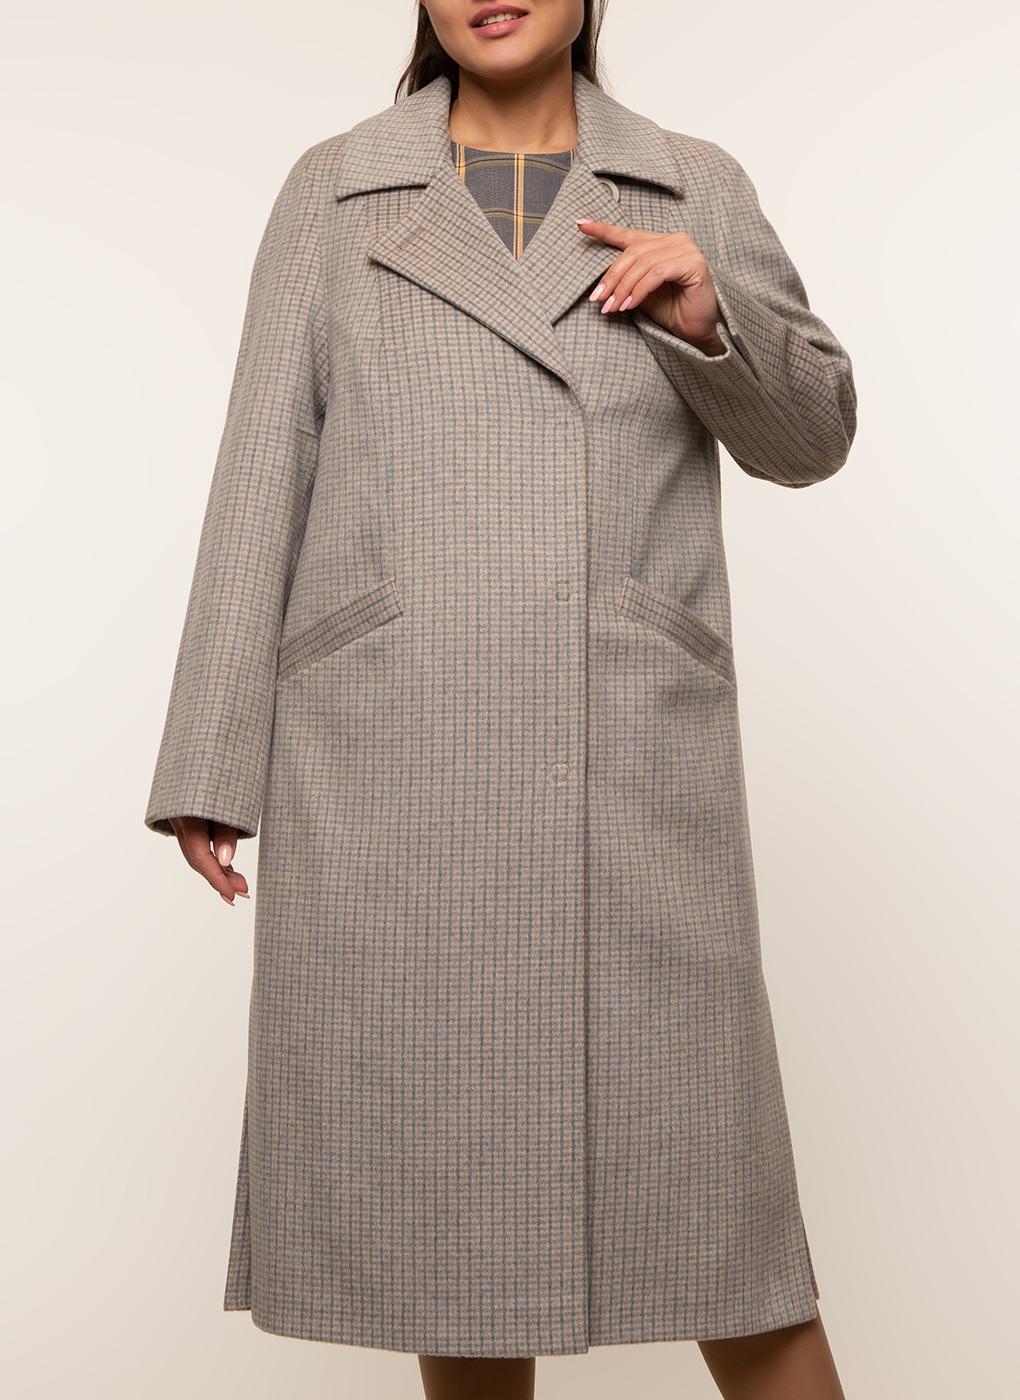 Пальто прямое 41, Синар фото